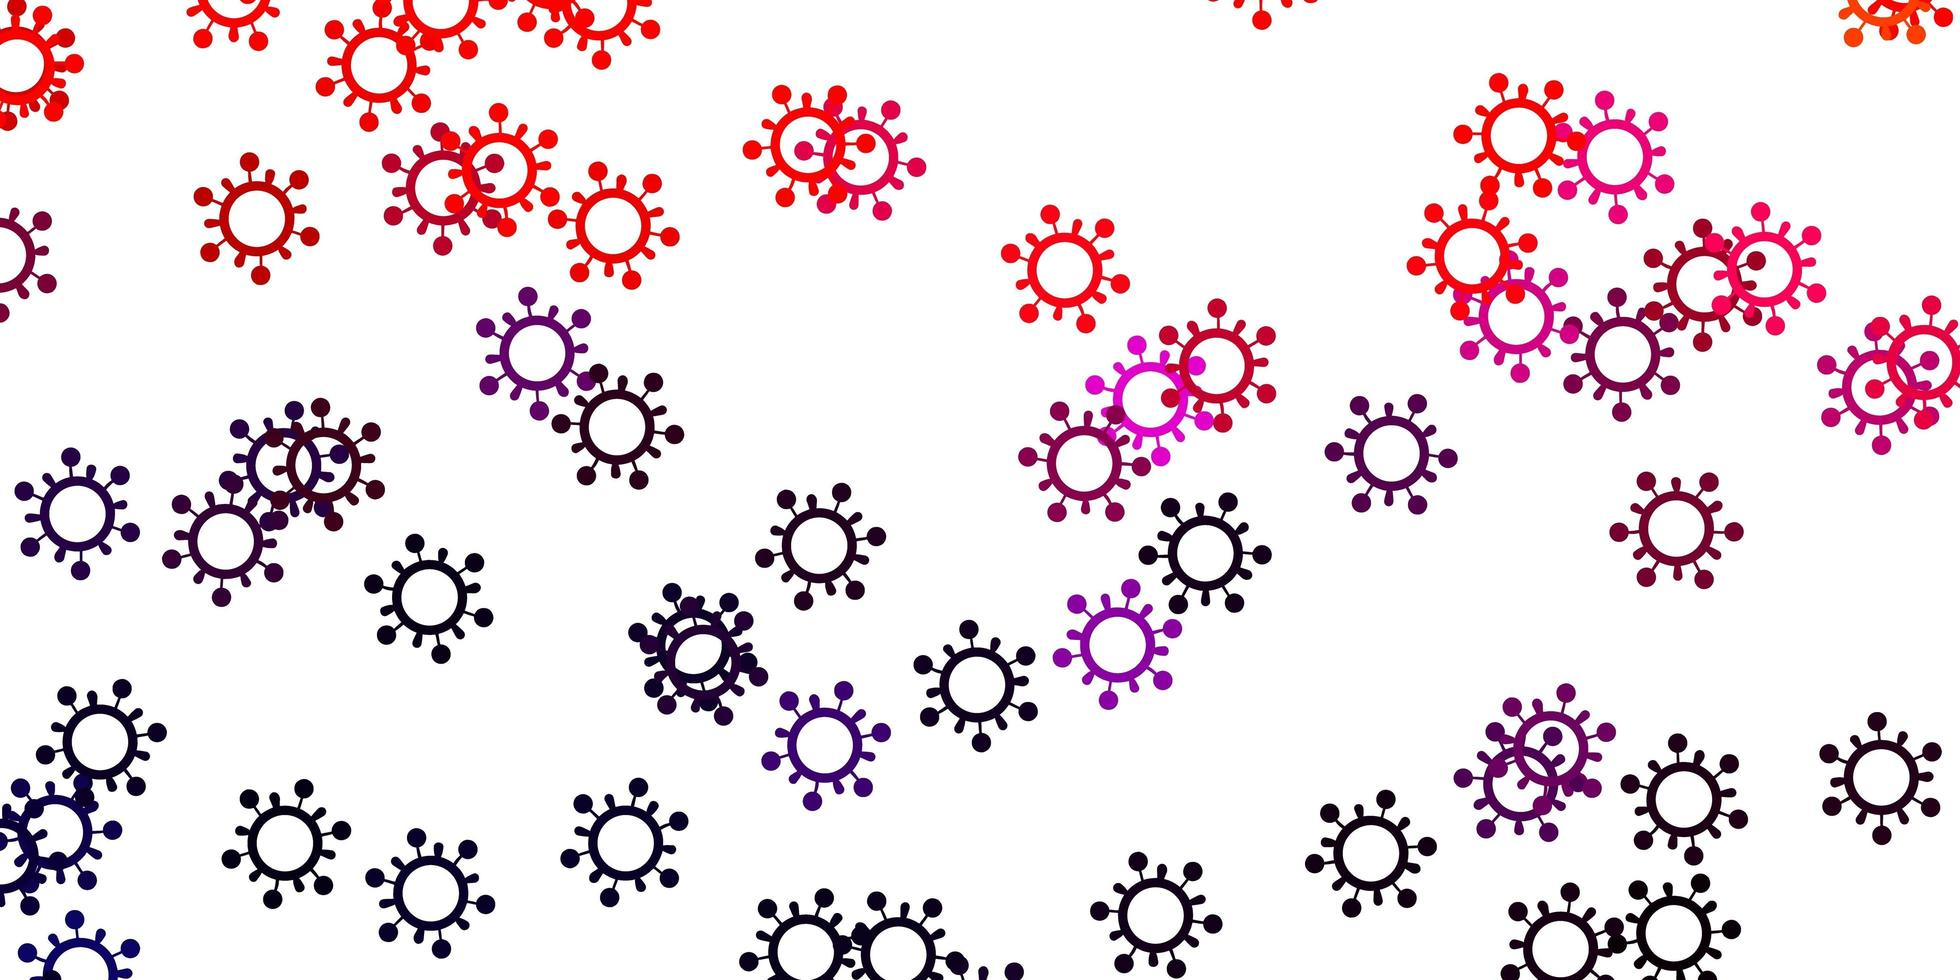 toile de fond de vecteur rose clair, rouge avec symboles de virus.